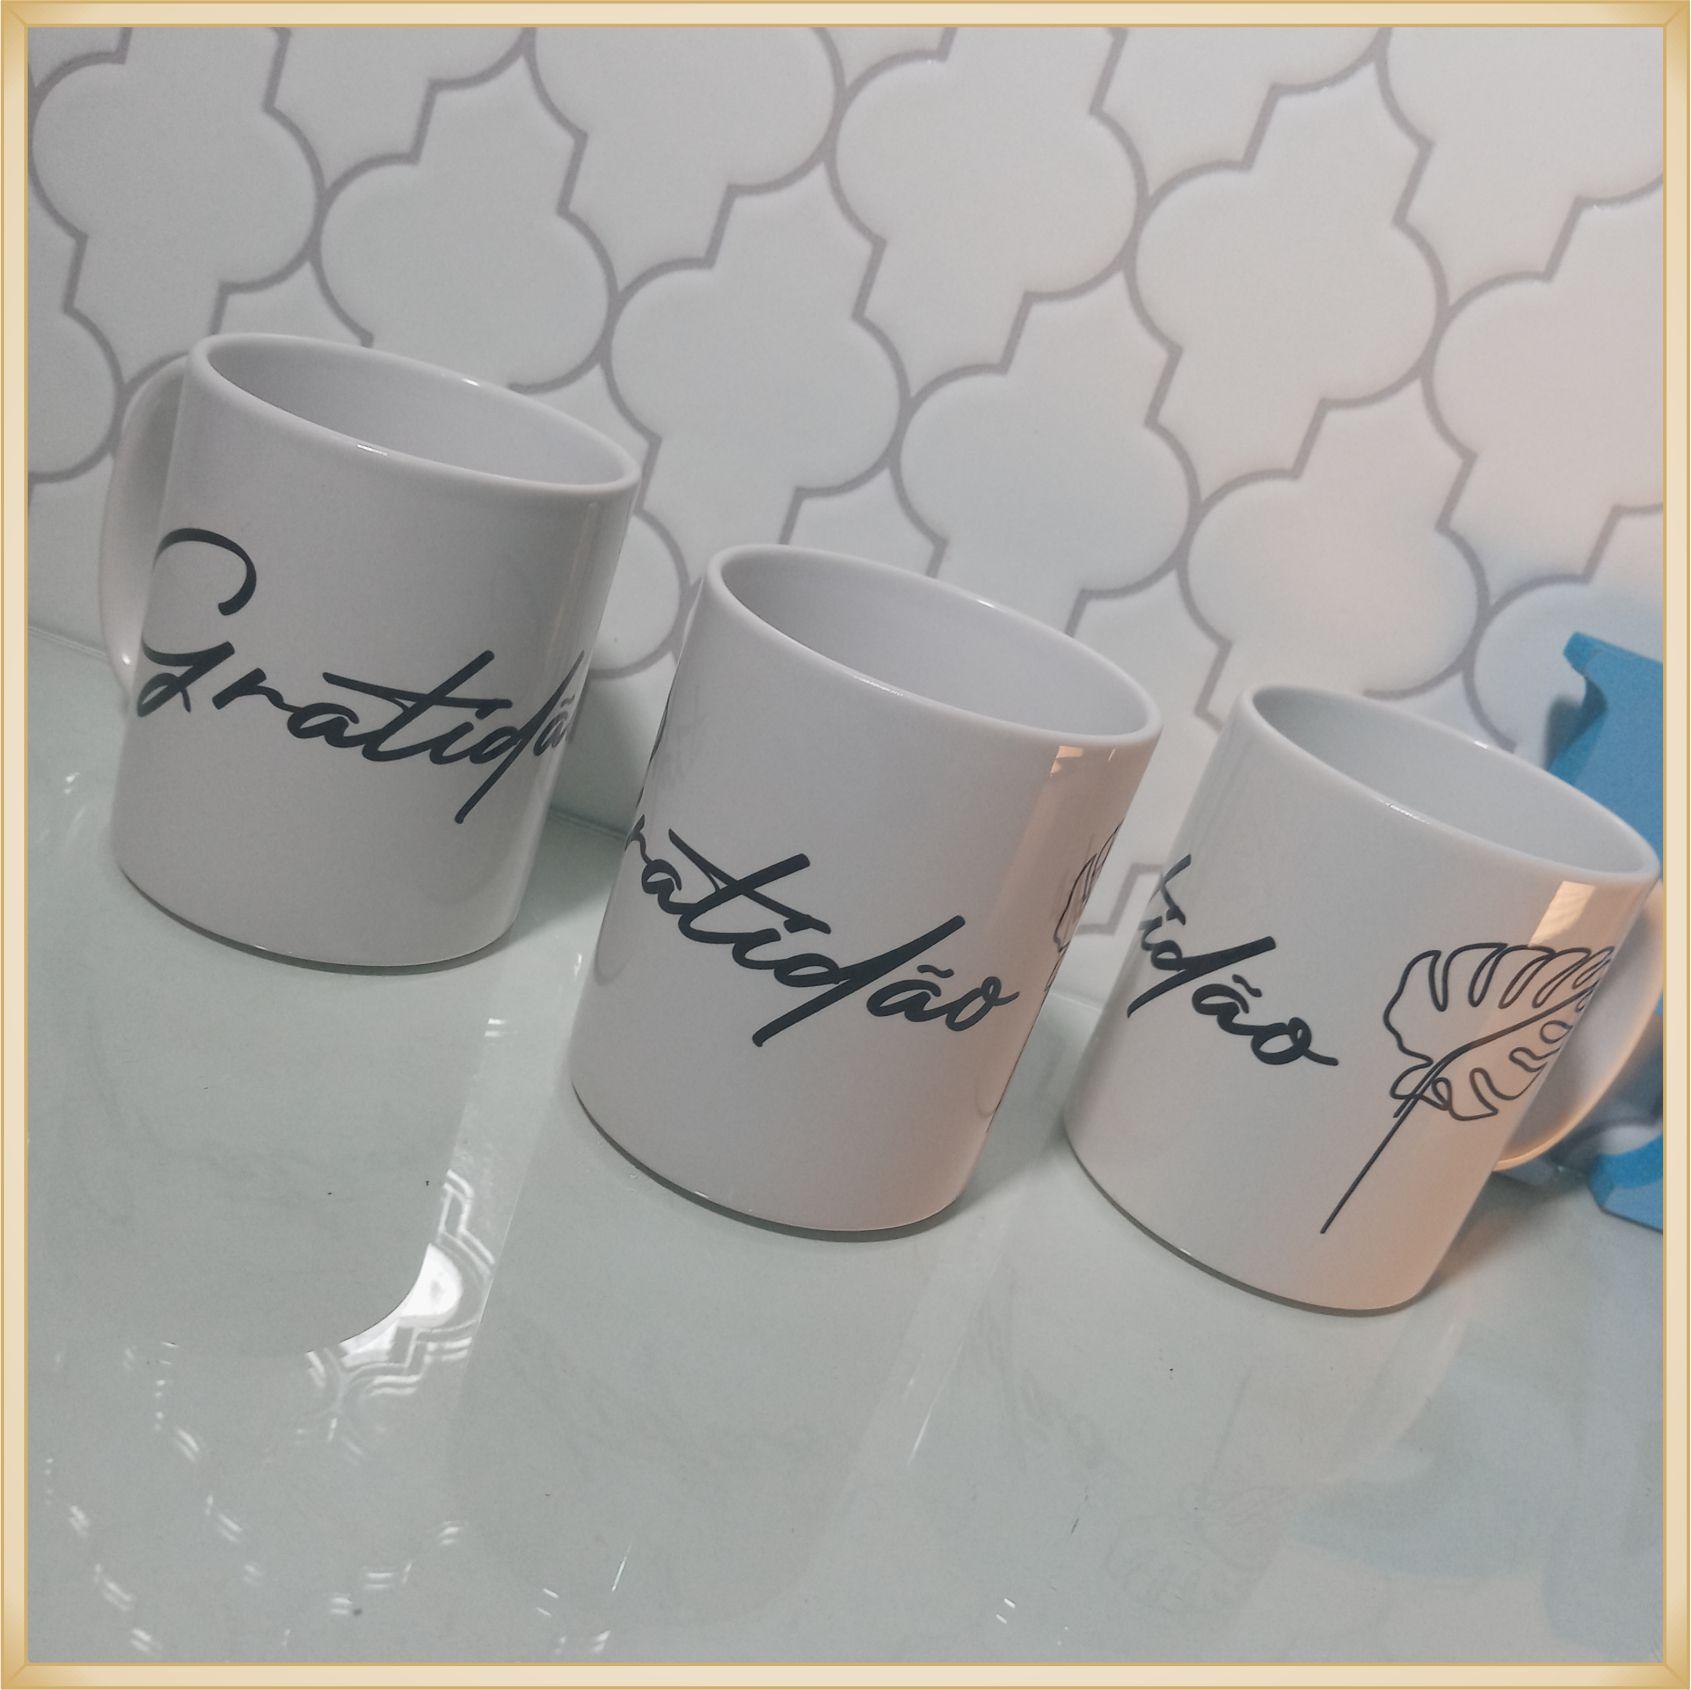 Canecas de porcelana personalizadas empresas clientes - alta qualidade, cores vivas, acabamento perfeito, alças confortáveis, 325 ml. - kit 10 unid.